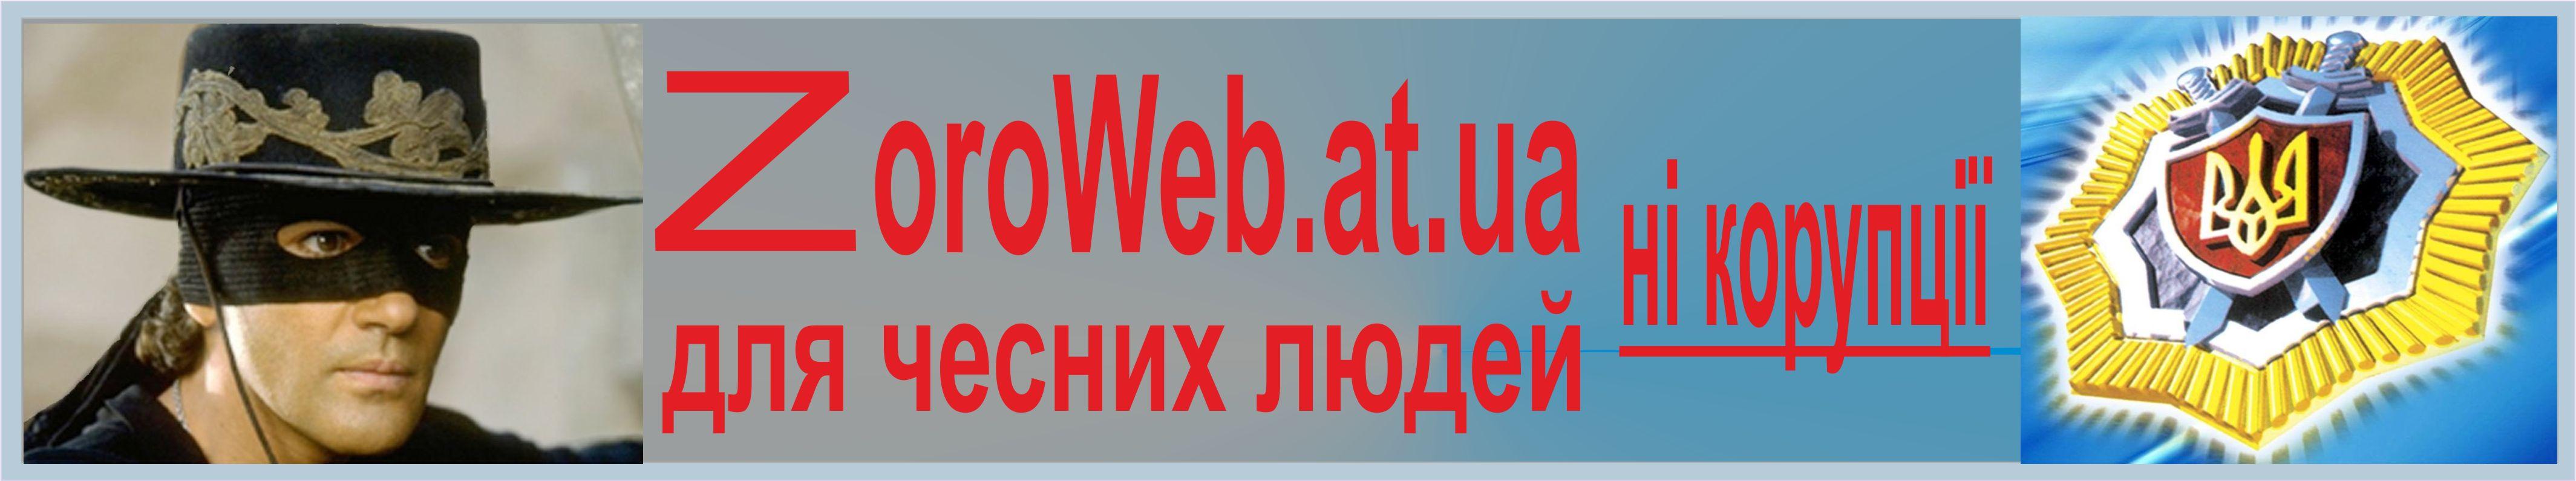 Антакорупційний сайт